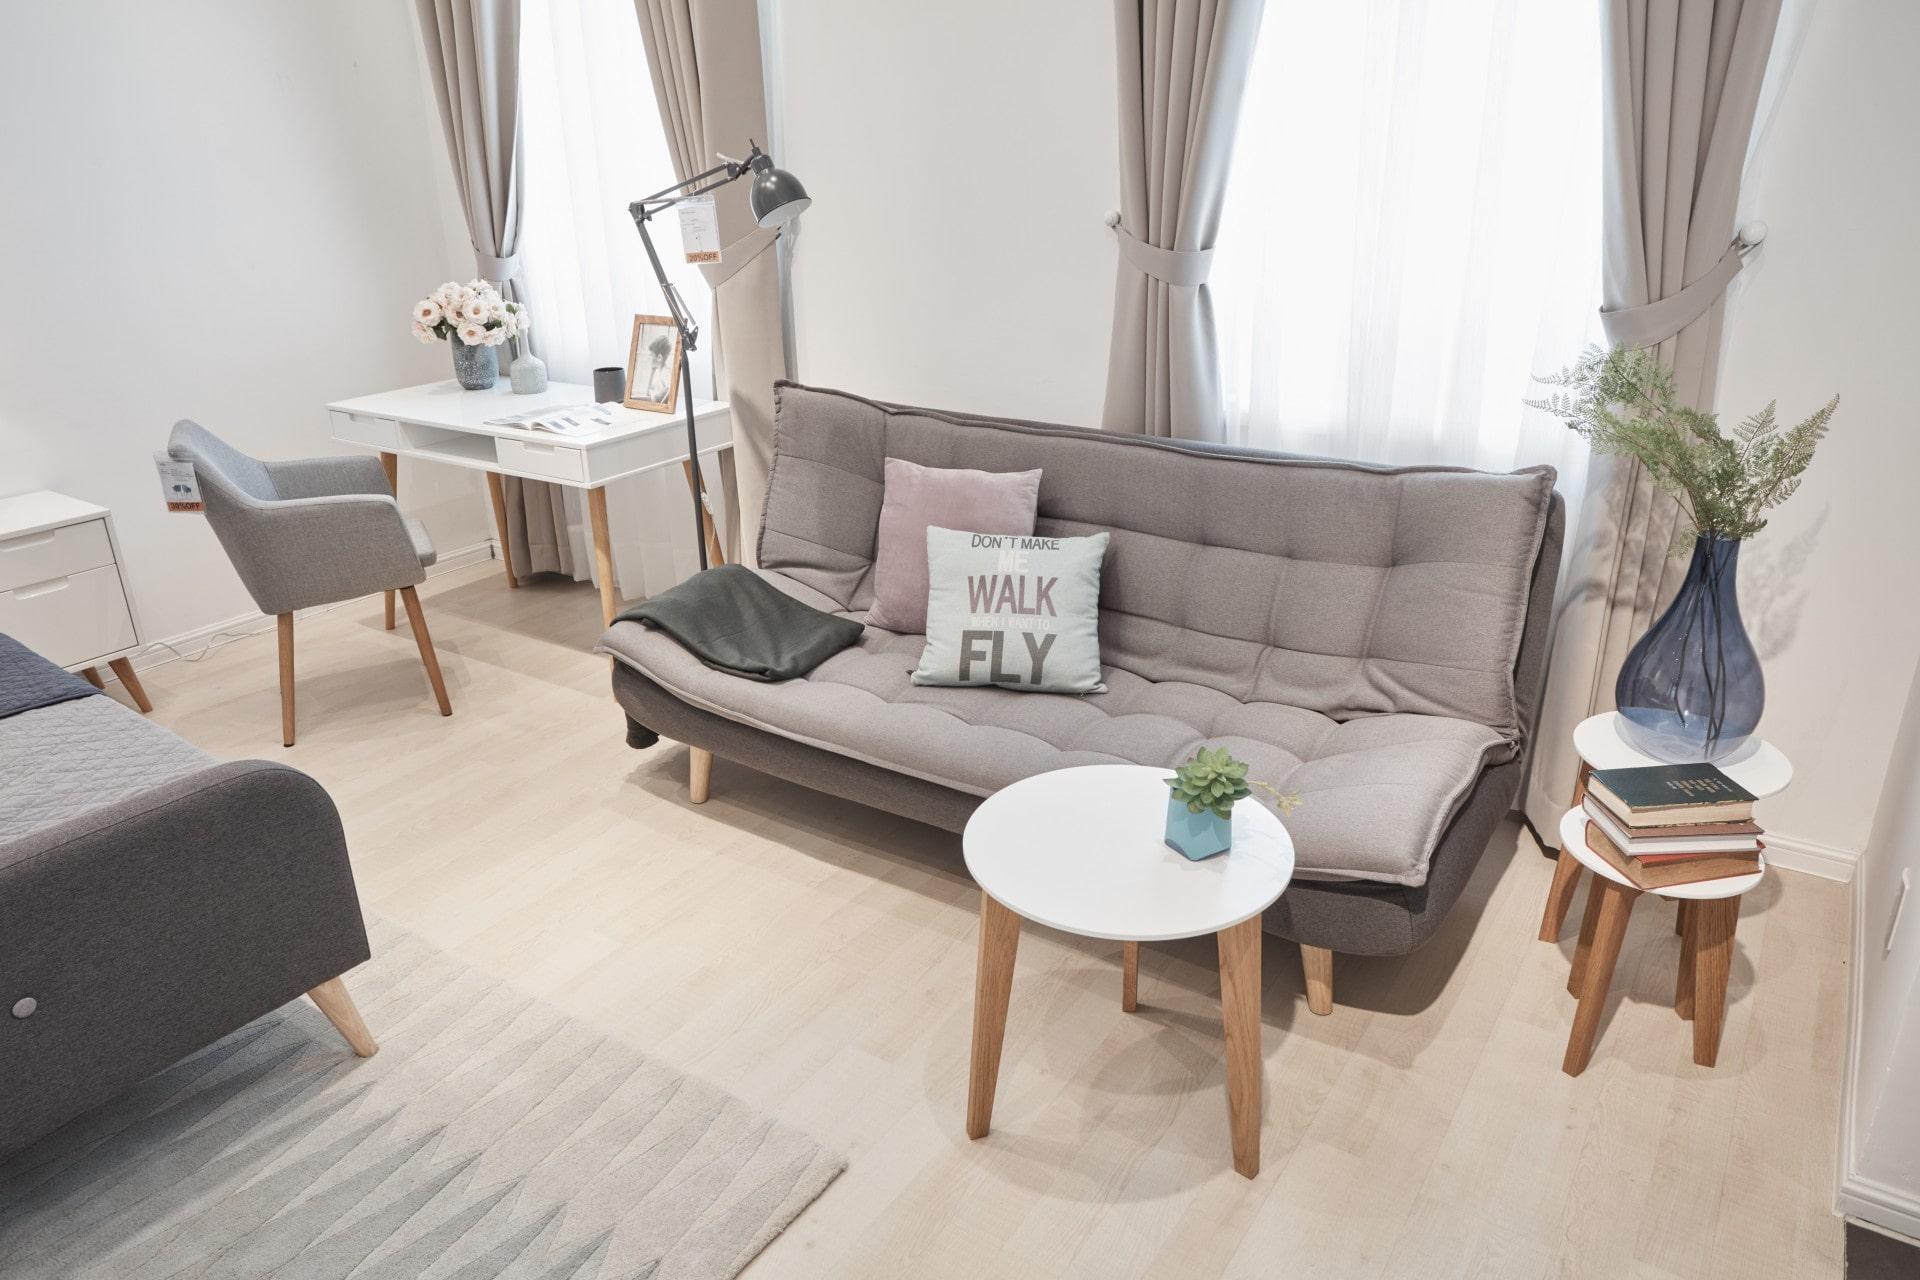 sofa 3 cho4 min - Top 10 Ghế Sofa 3 Chỗ Đáng Mua Nhất Hiện Nay Phù Hợp Với Mọi Gia Đình